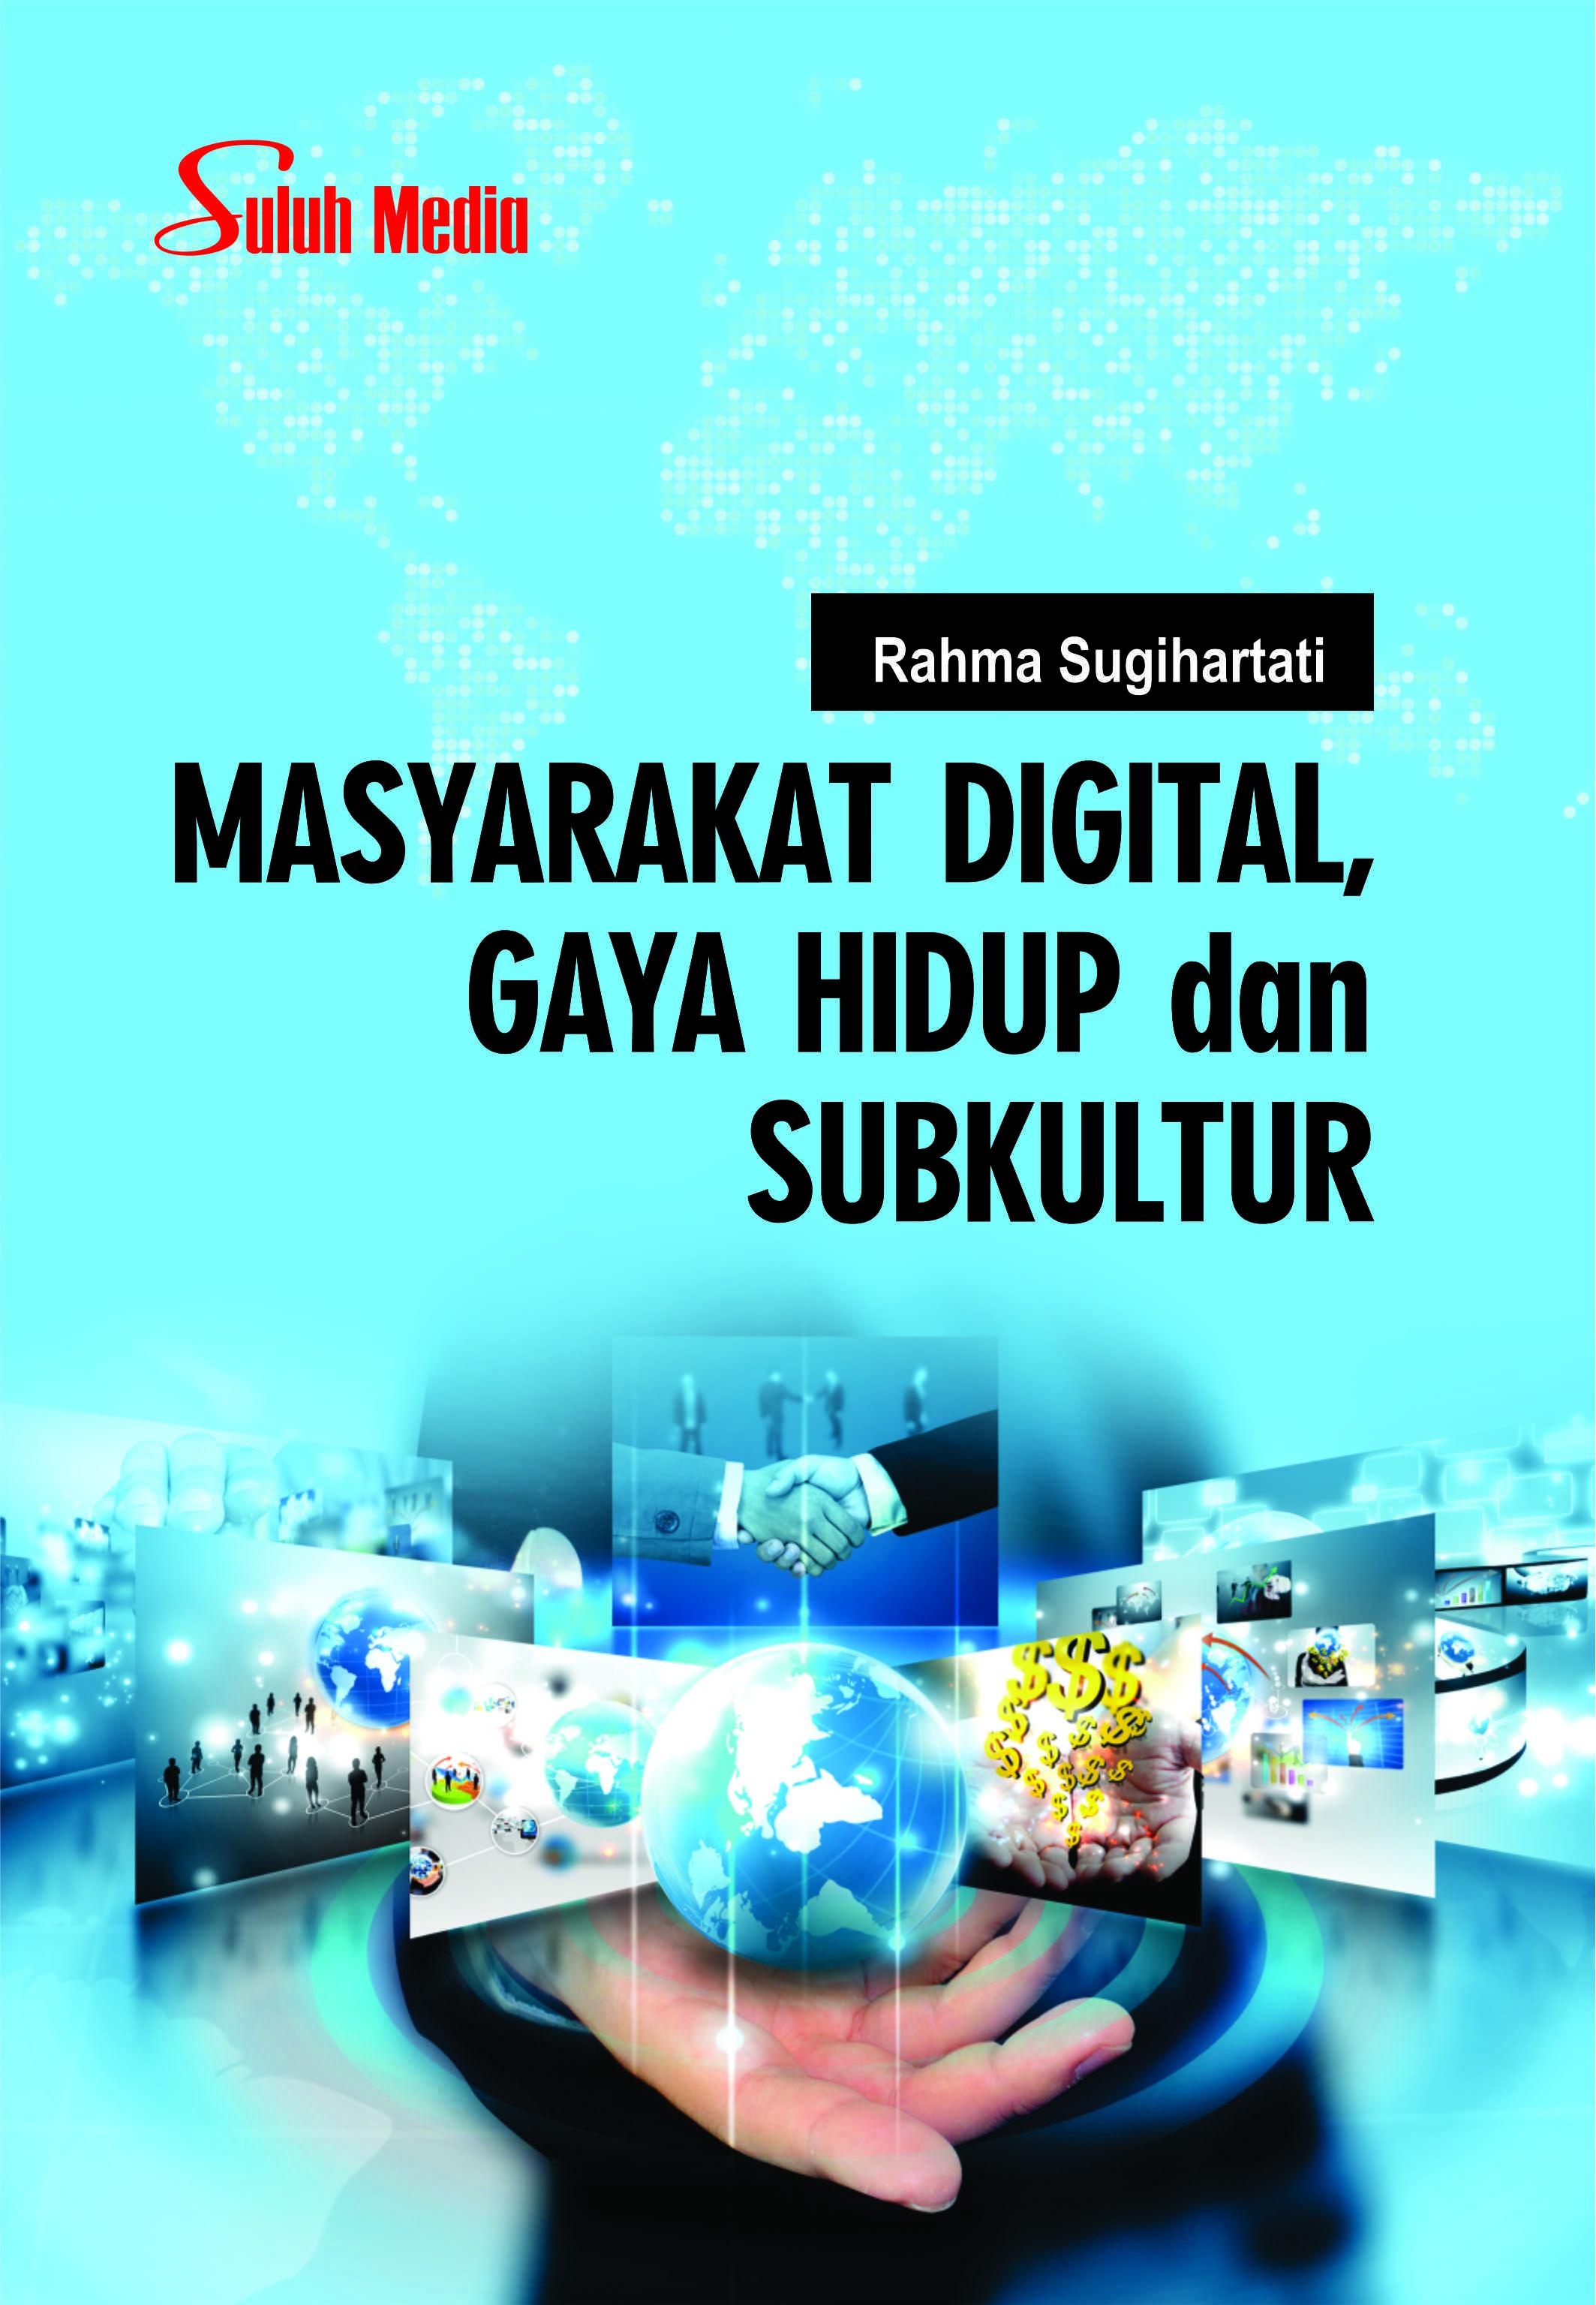 Masyarakat digital, gaya hidup dan subkultur  [sumber elektronis]